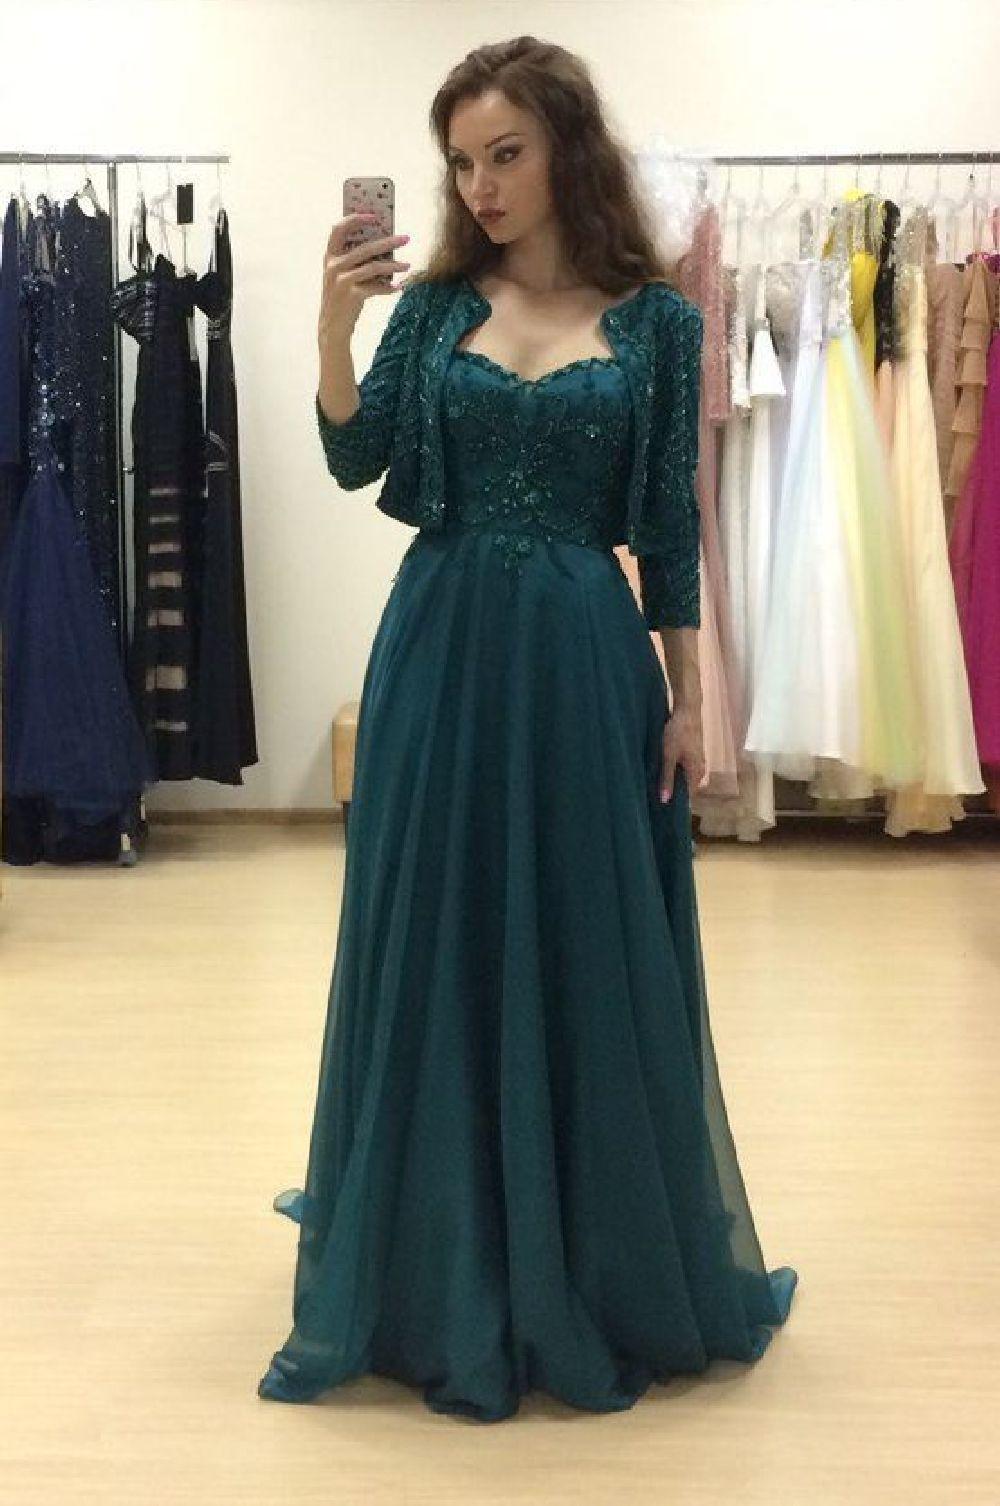 MacDuggal 16217 Зеленое платье А-силуэта, длинное из мягкой, струящейся ткани